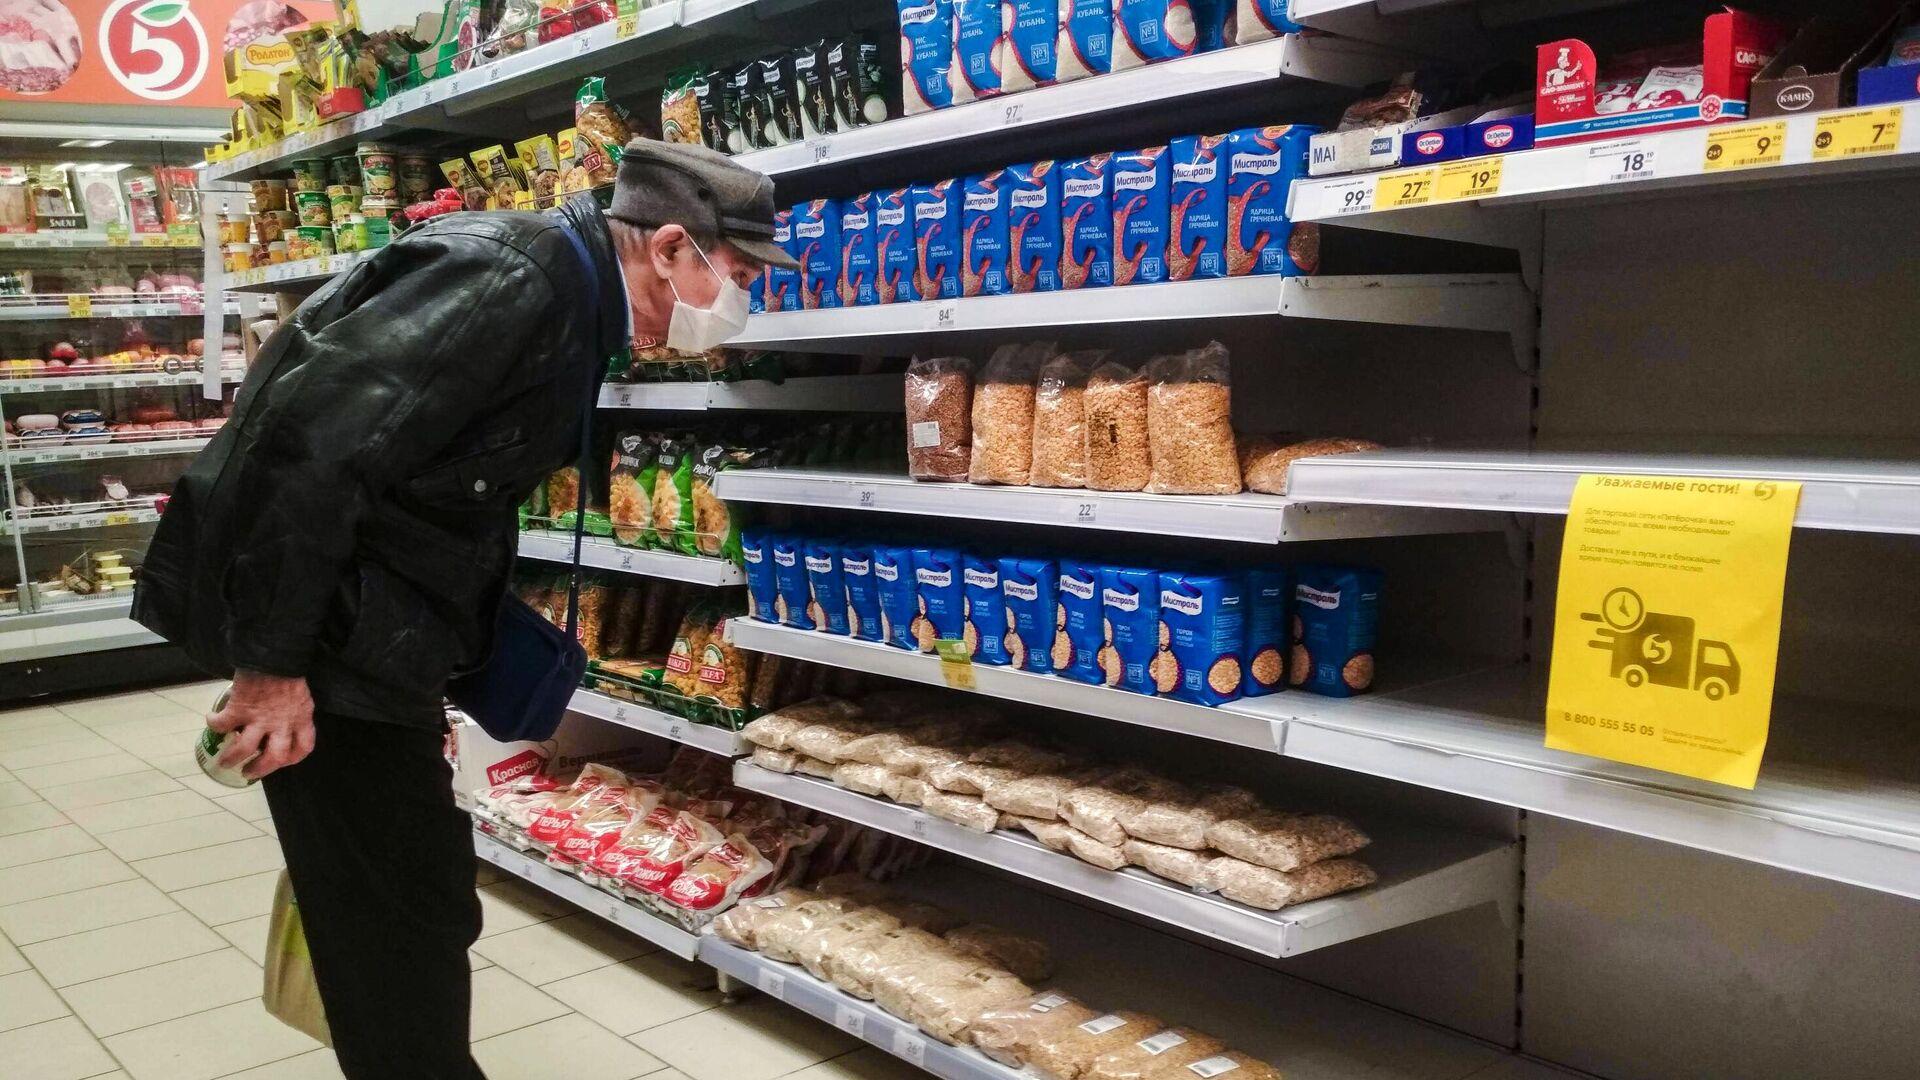 Мужчина выбирает товары в магазине Пятерочка в Москве - РИА Новости, 1920, 27.11.2020